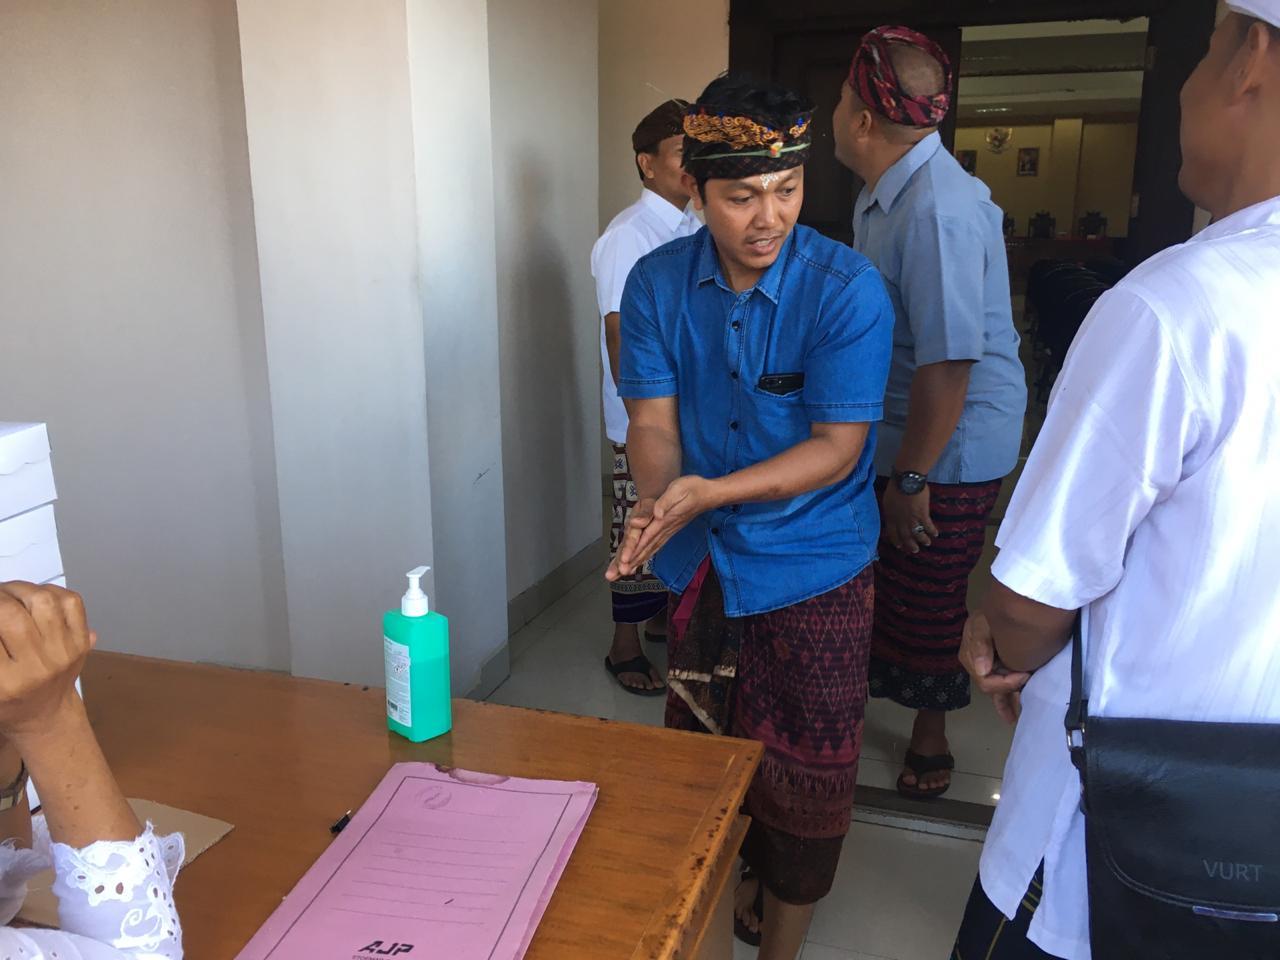 PARA anggota PPS wajib membersihkan tangan dengan cairan sanitasi tangan sebelum masuk ruangan pelantikan. Ini sebagai pelaksanaan protokol keamanan untuk mencegah penyebaran wabah Covid-19. Foto: gus hendra